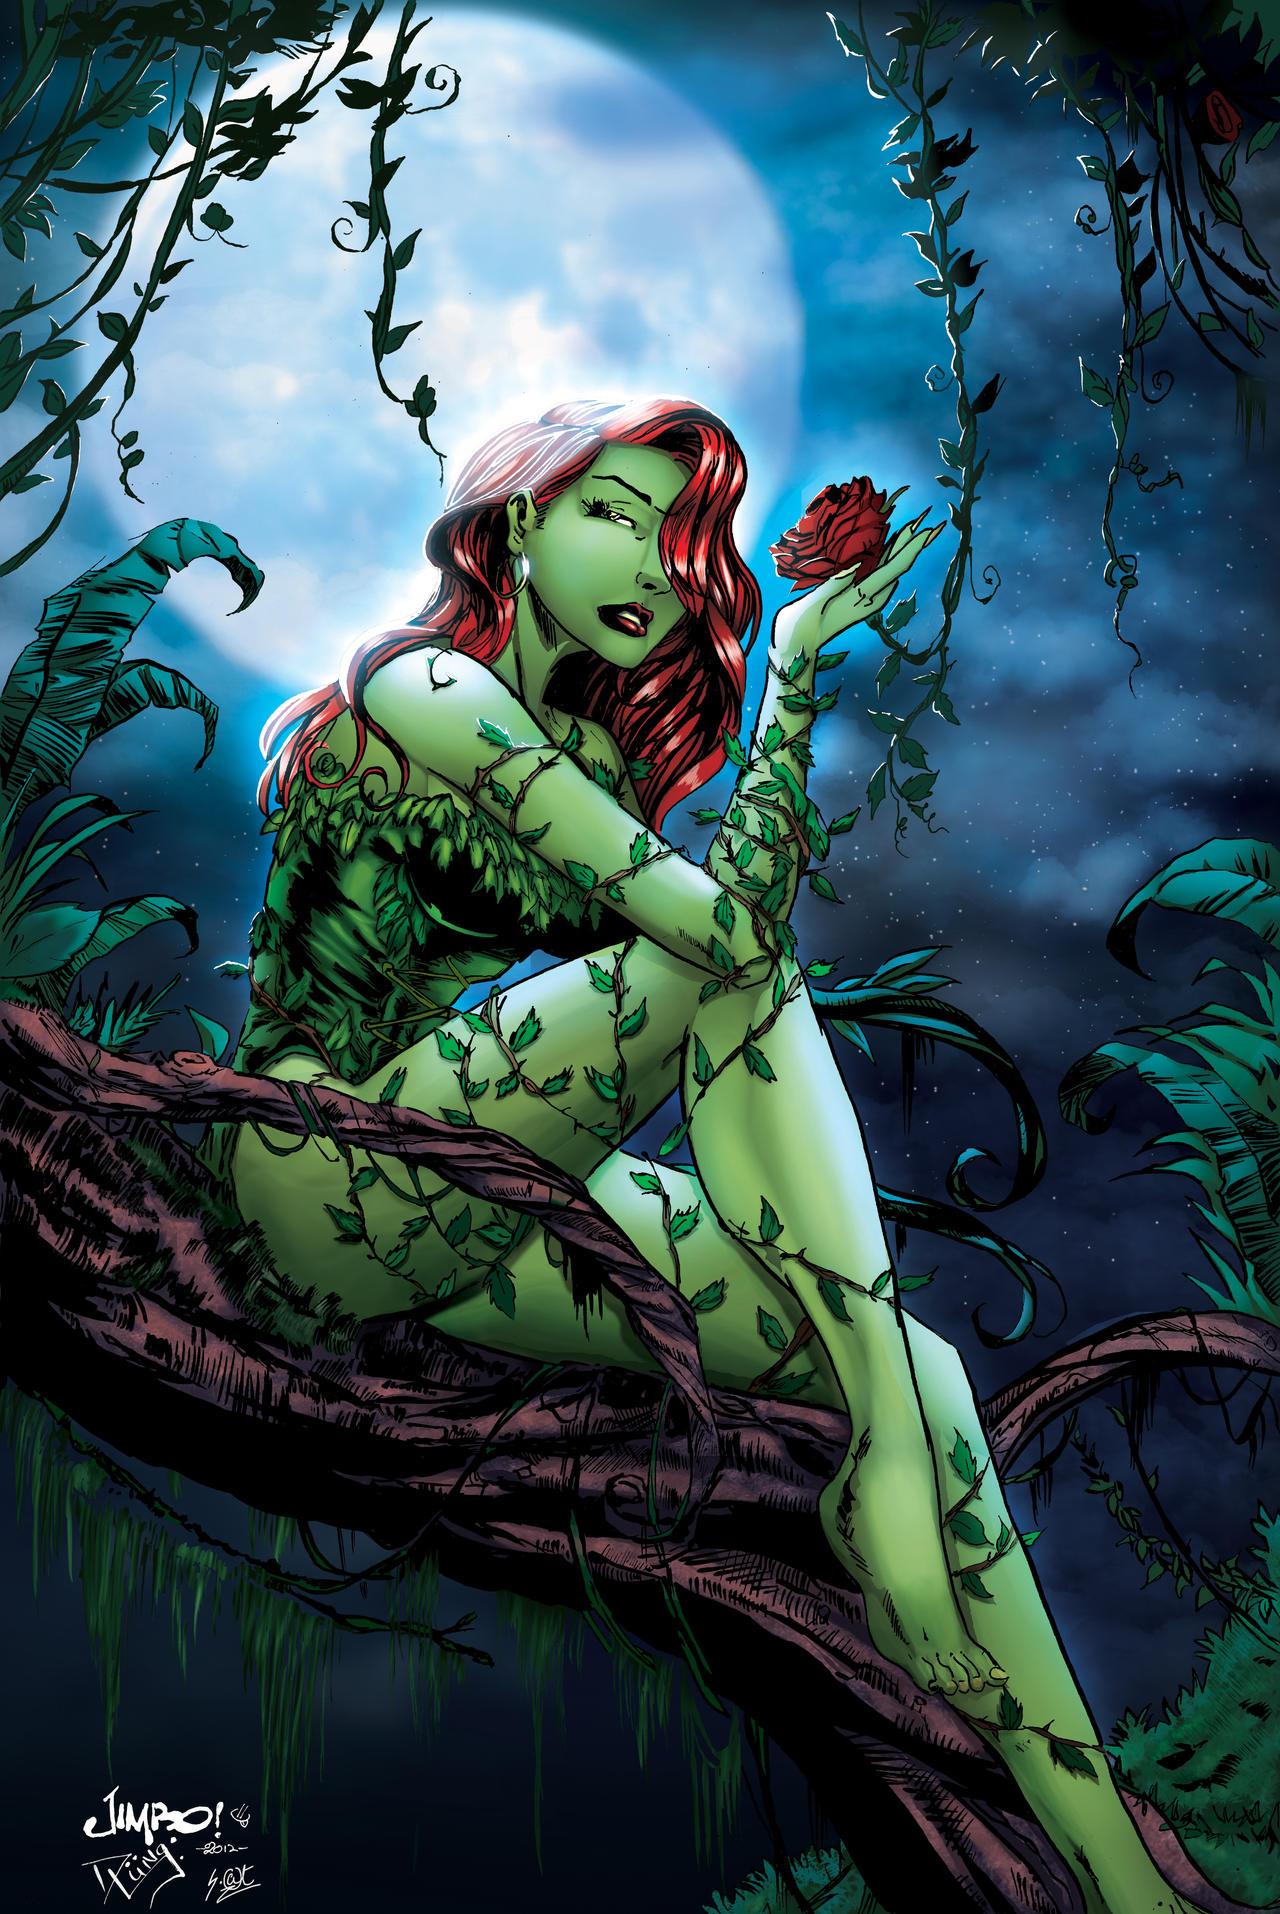 Poison Ivy 1 8 Skin By Chellizard Minecraft Skin